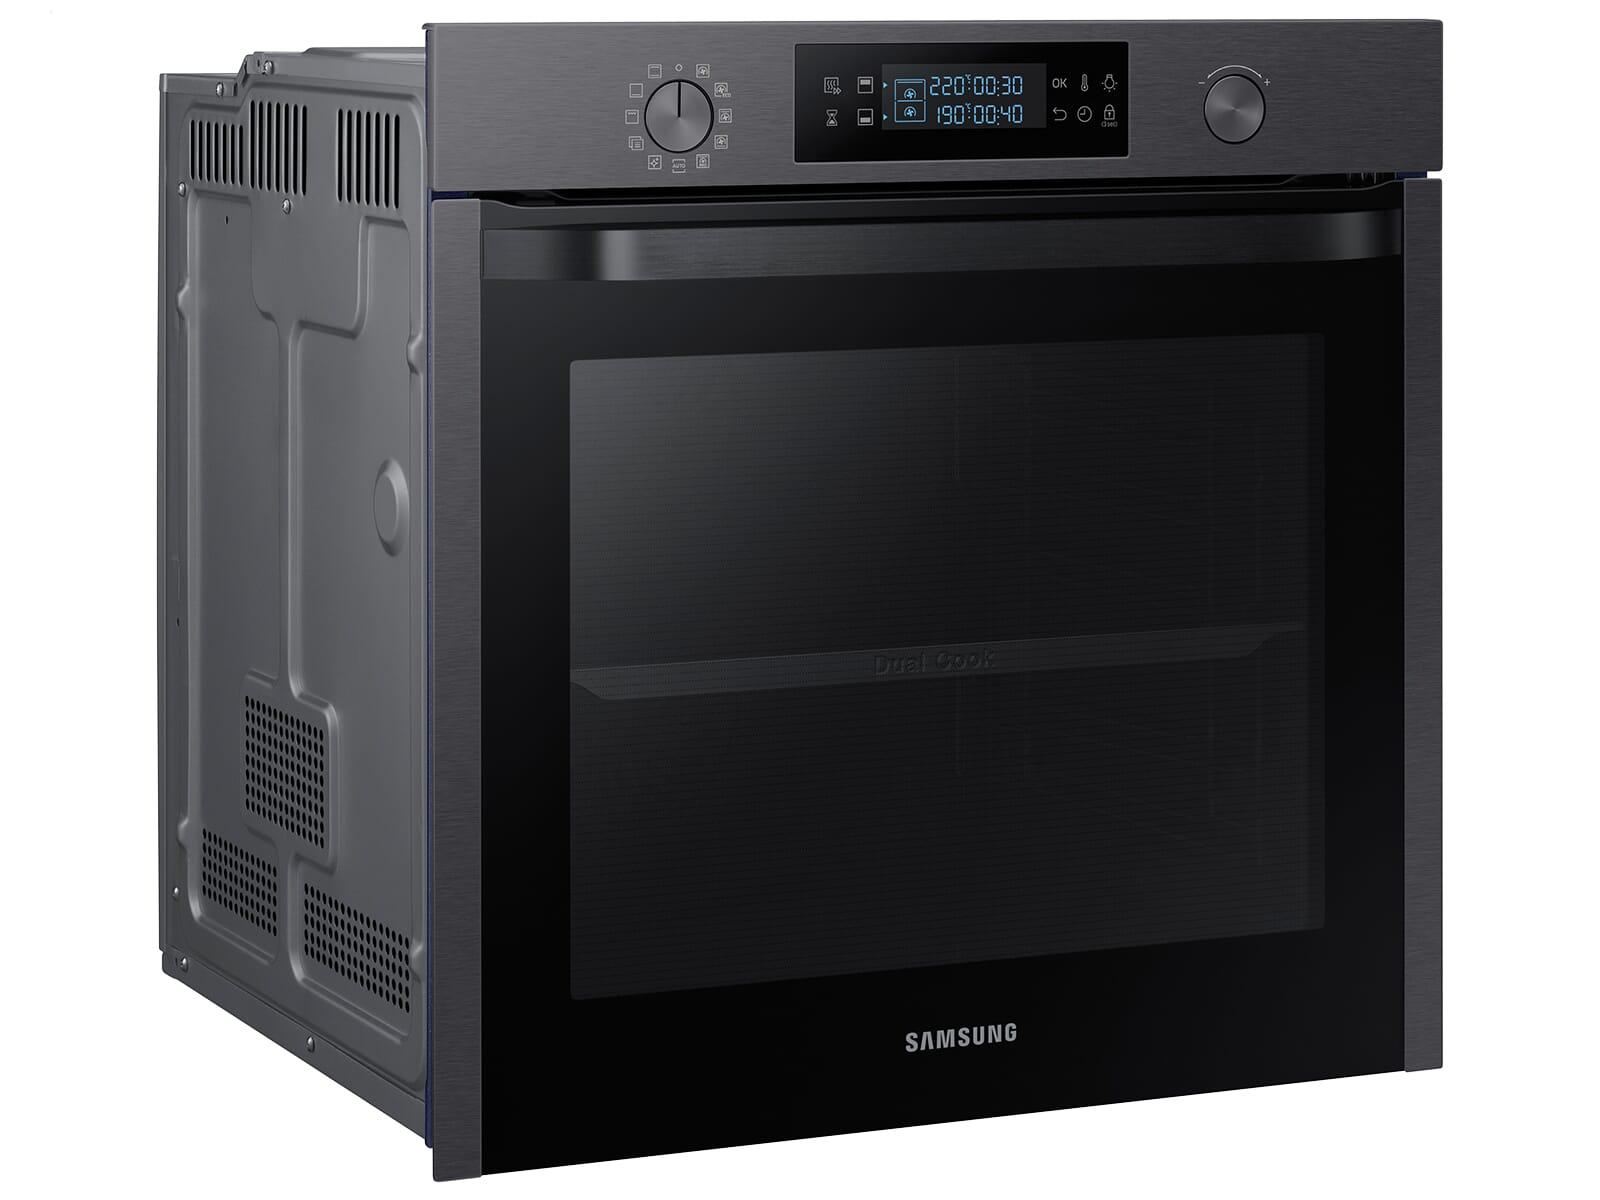 Samsung NV75M5571BM/EG Pyrolyse Backofen Black Steel